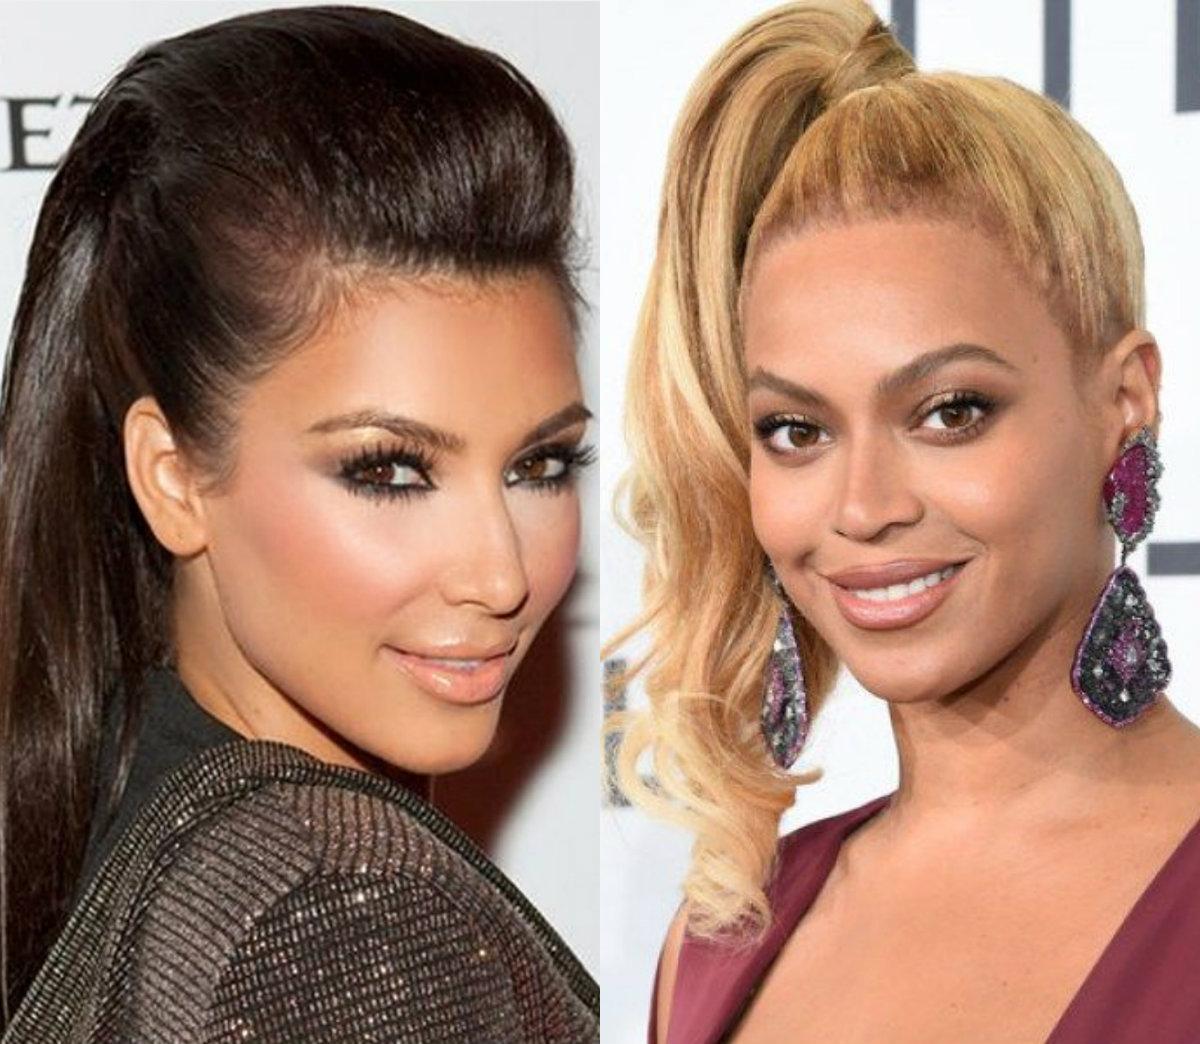 Celebridades exclusivas com os mais recentes penteados, cortes de cabelo e cores de cabelo